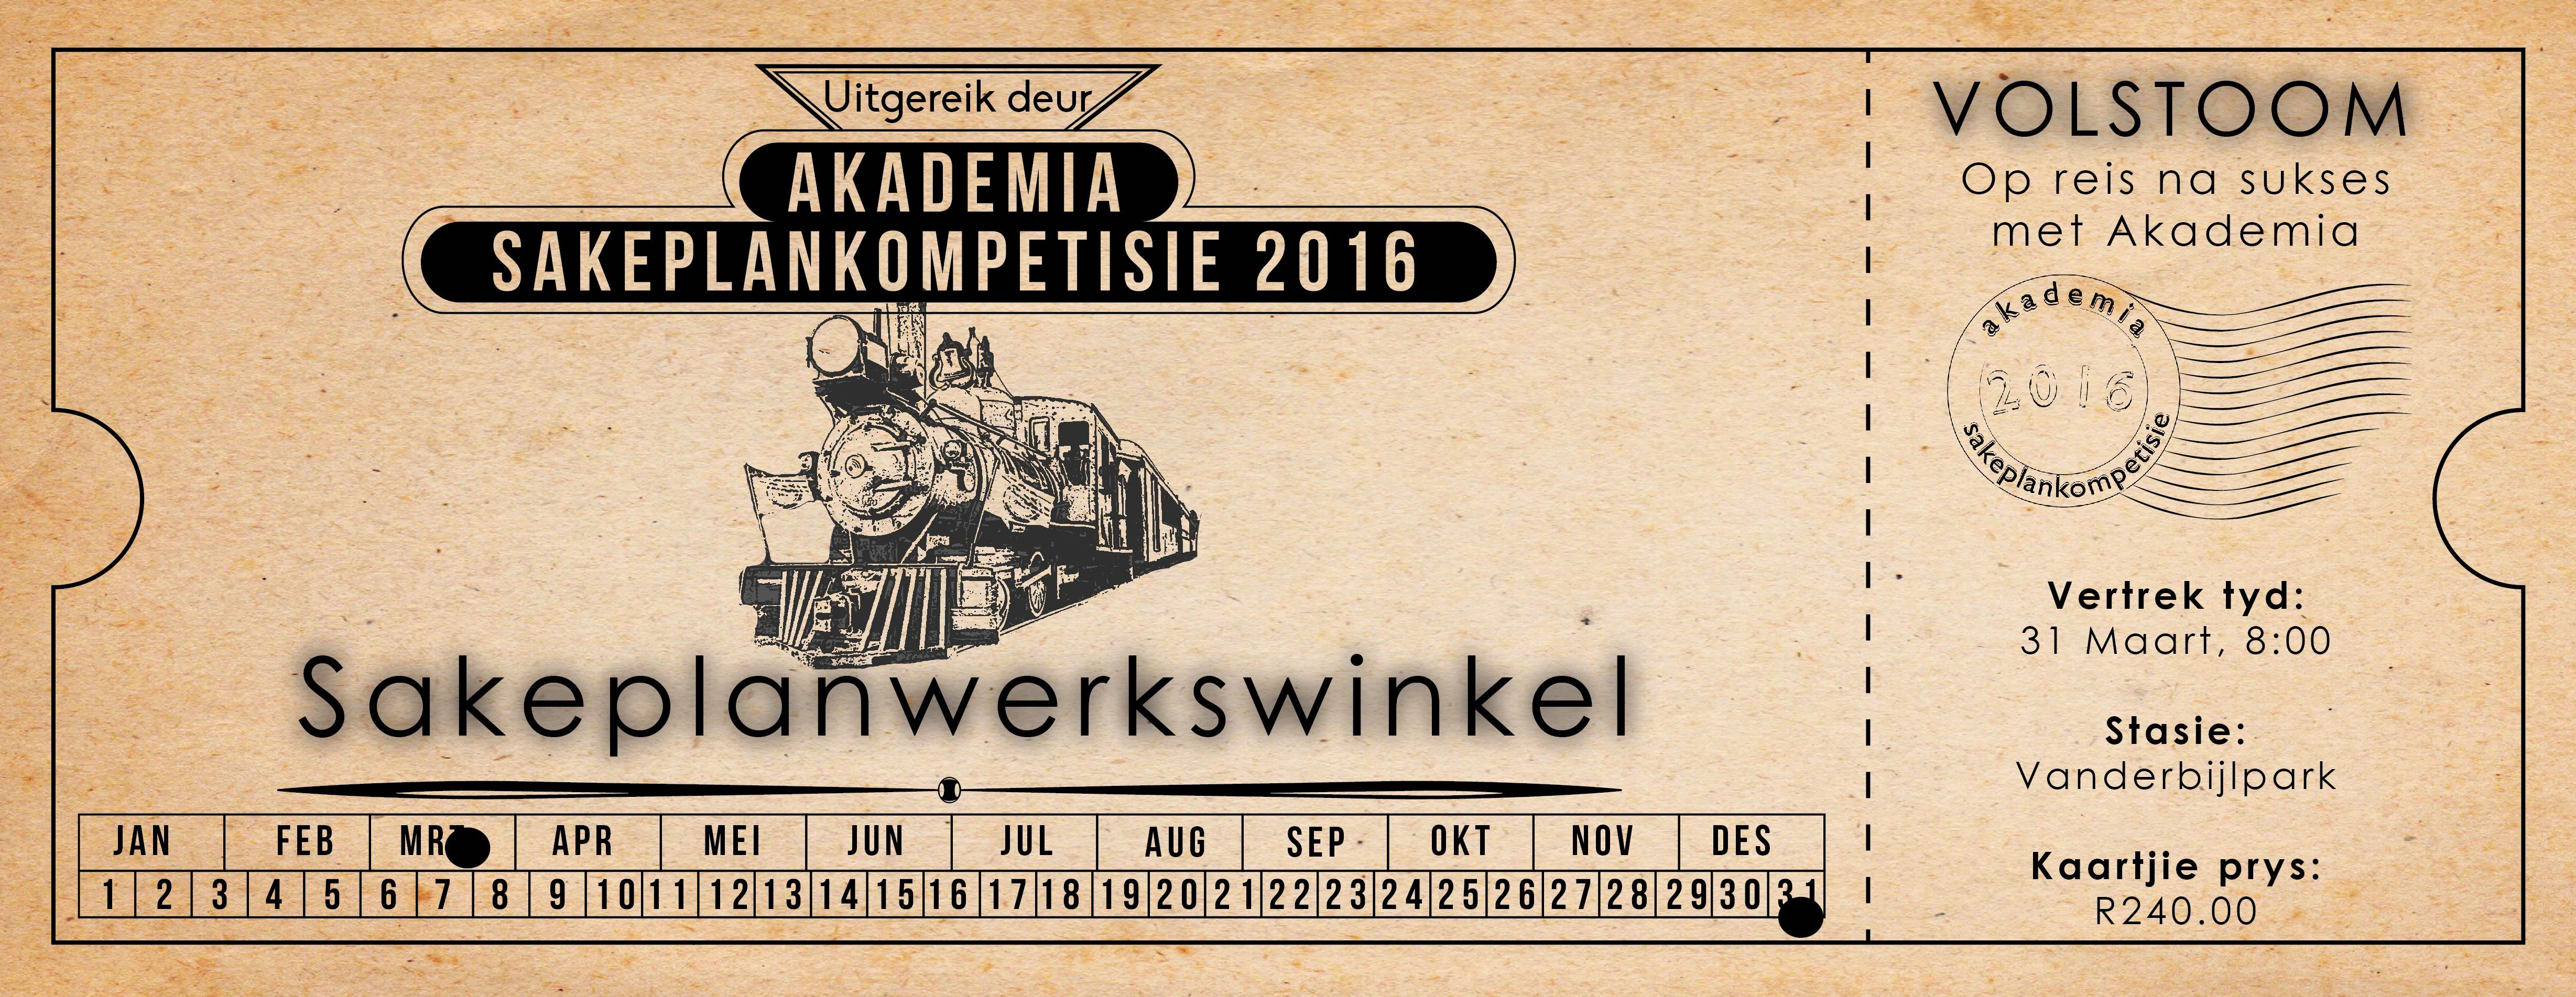 Peri Peri Creative - Akademia Sakeplankompetisie-2016 ticket